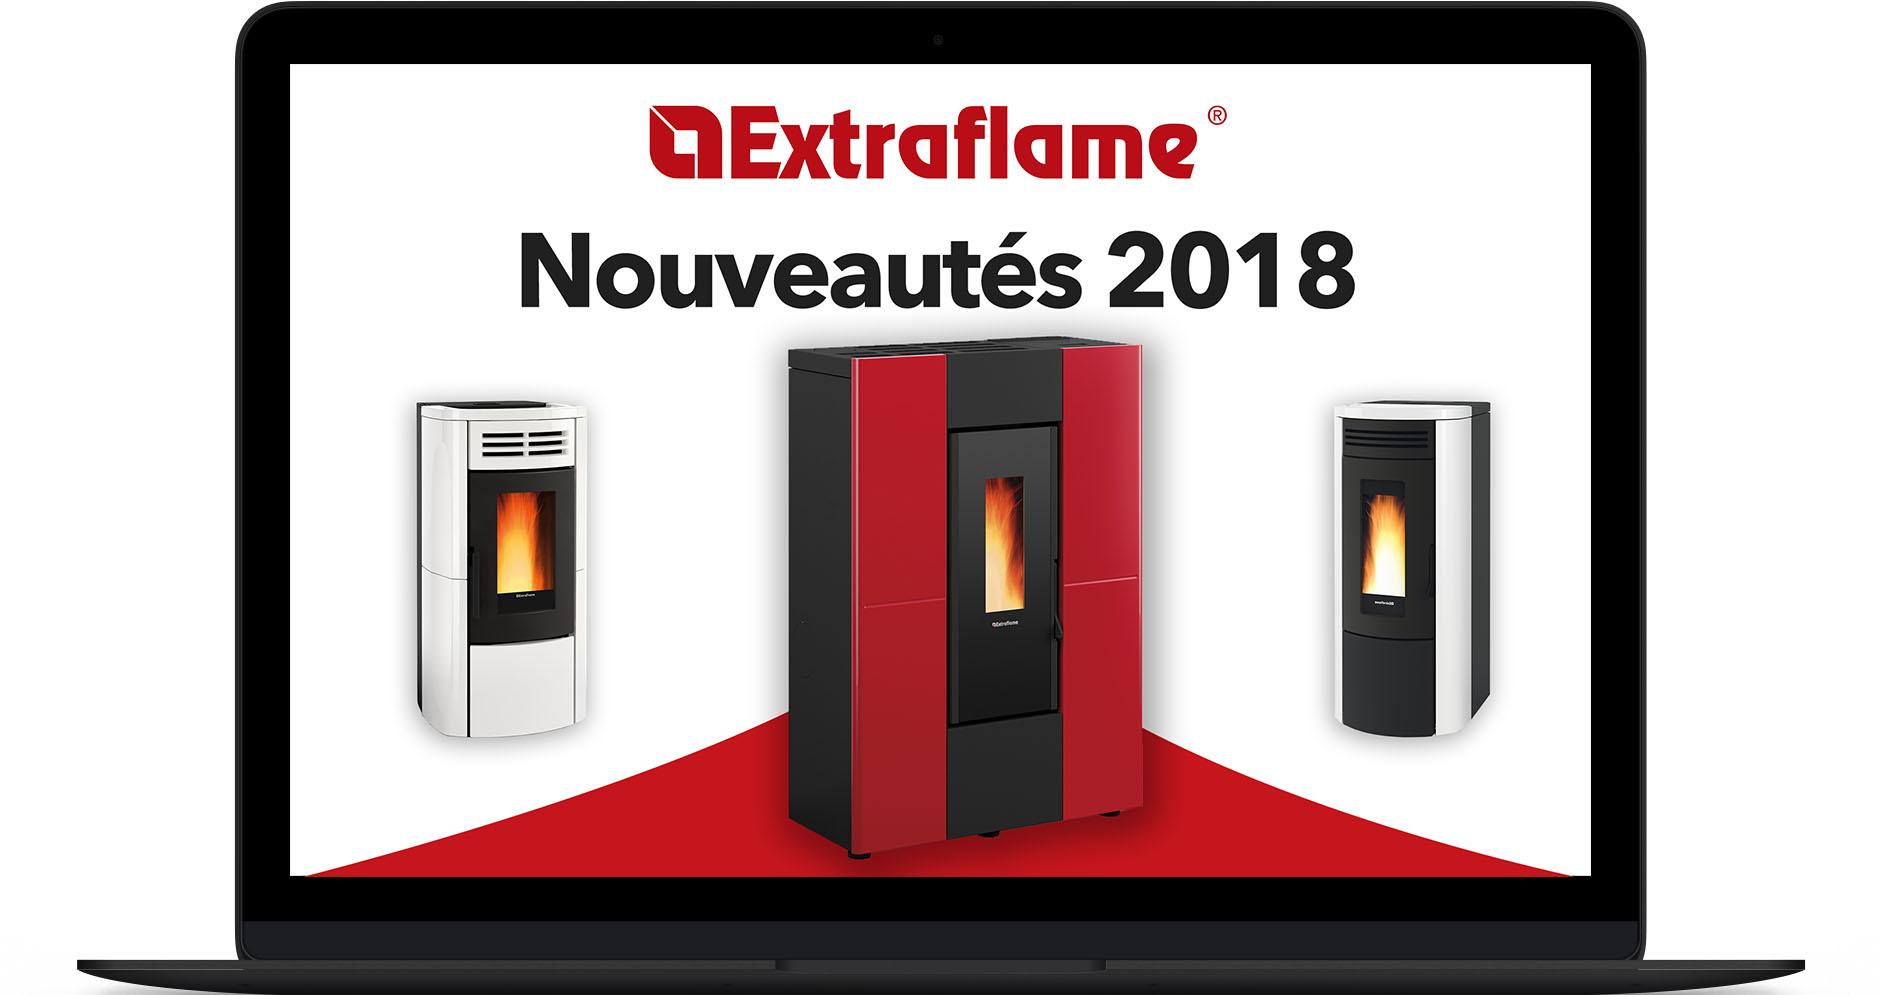 Extraflame nouveauté 2018